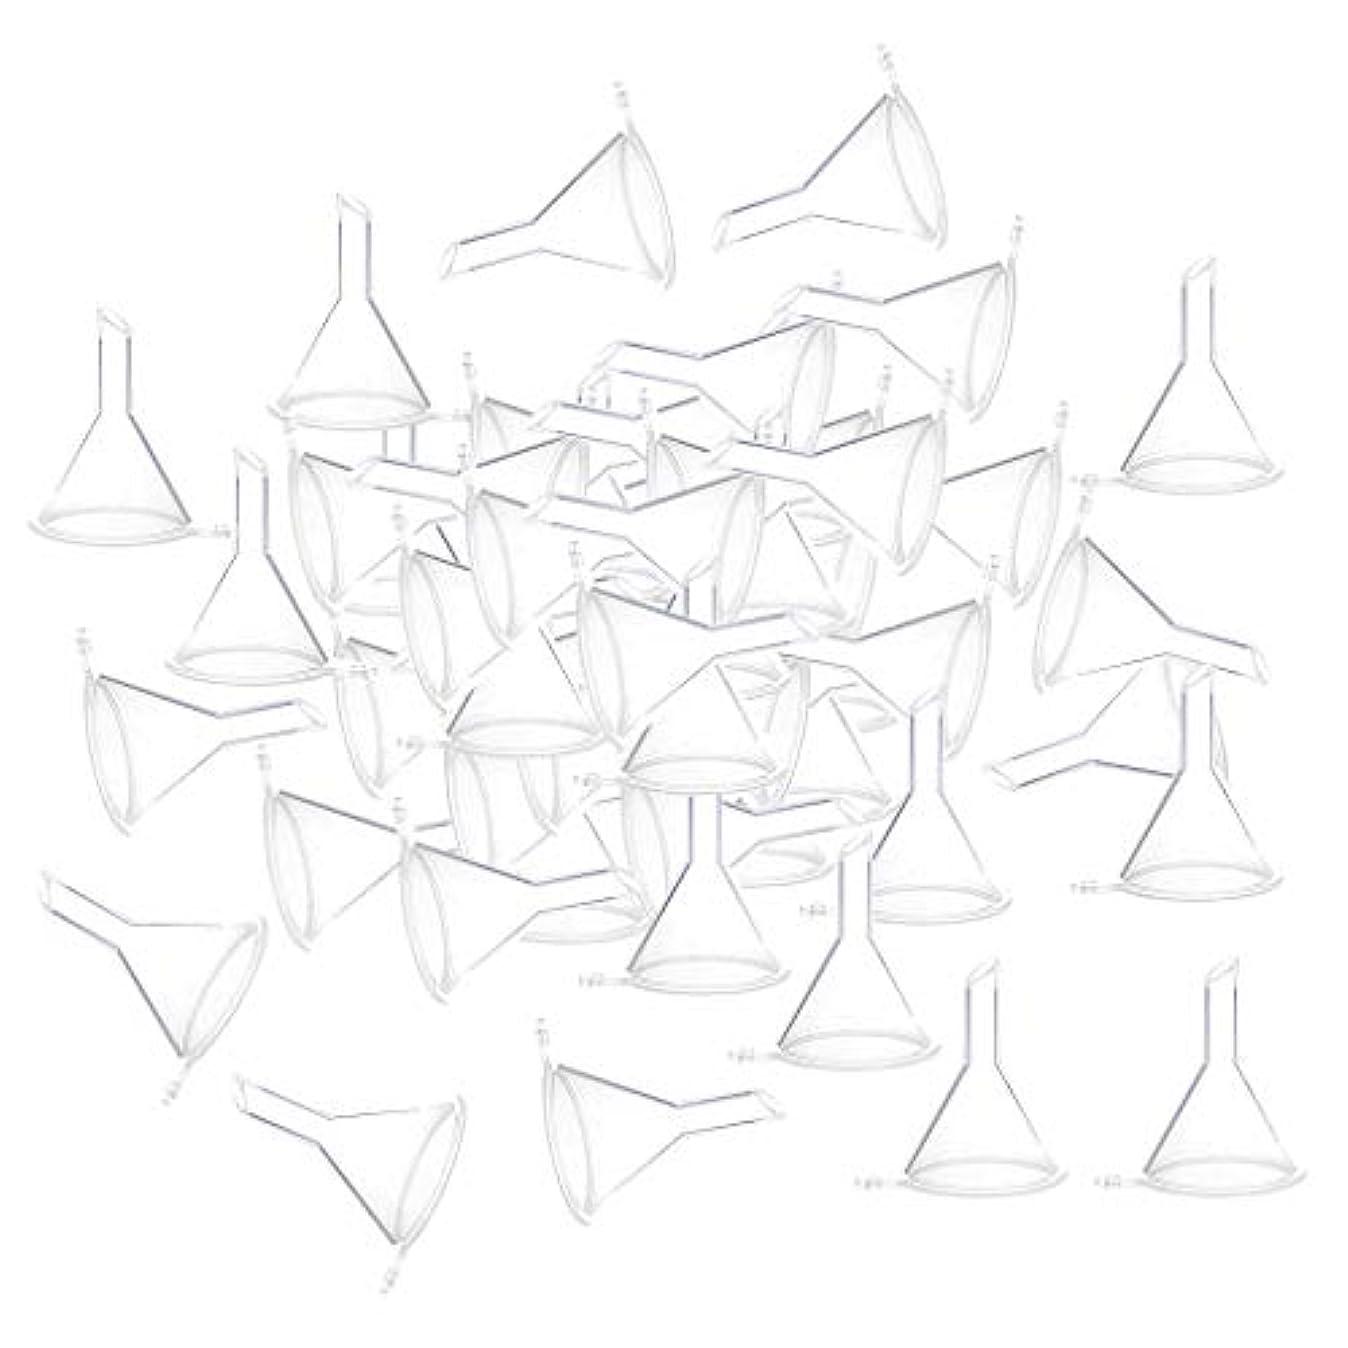 オペラチャンバー海里小分けツール ミニ ファンネル エッセンシャルオイル 液体 香水用 全100個 3カラー - クリア